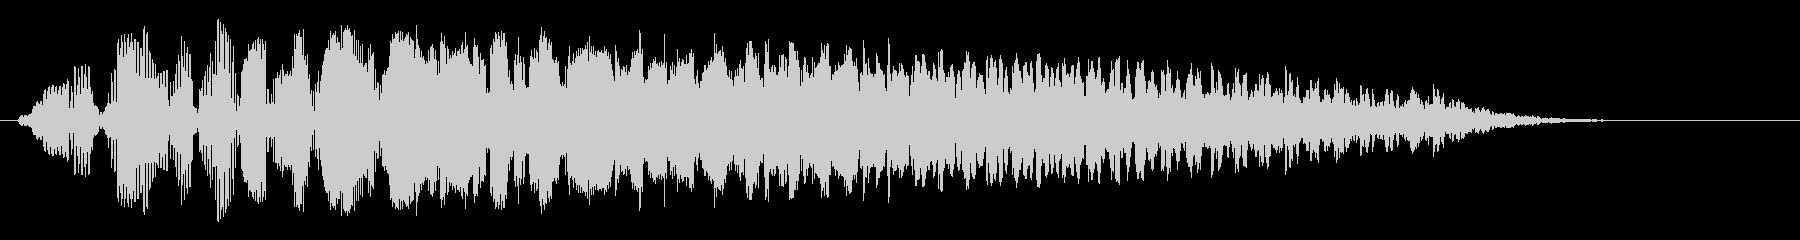 ビユゥ〜(大きい音に変わっていく音)の未再生の波形